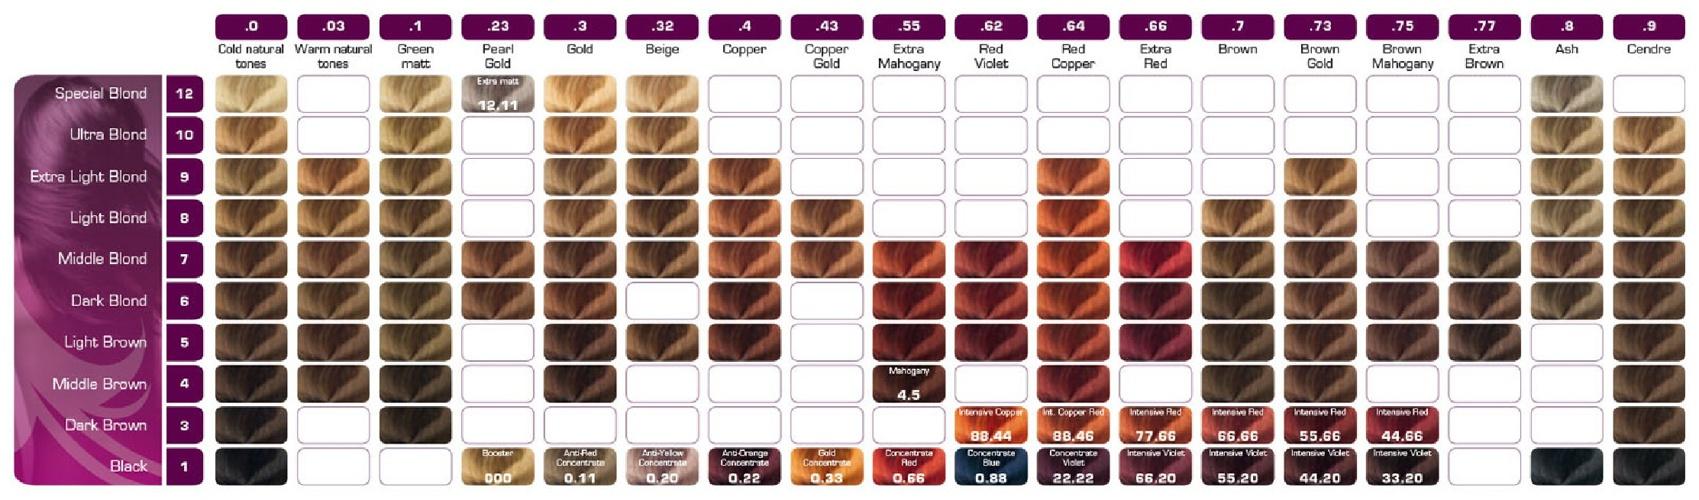 Matrix socolor color chart pdf rebellions